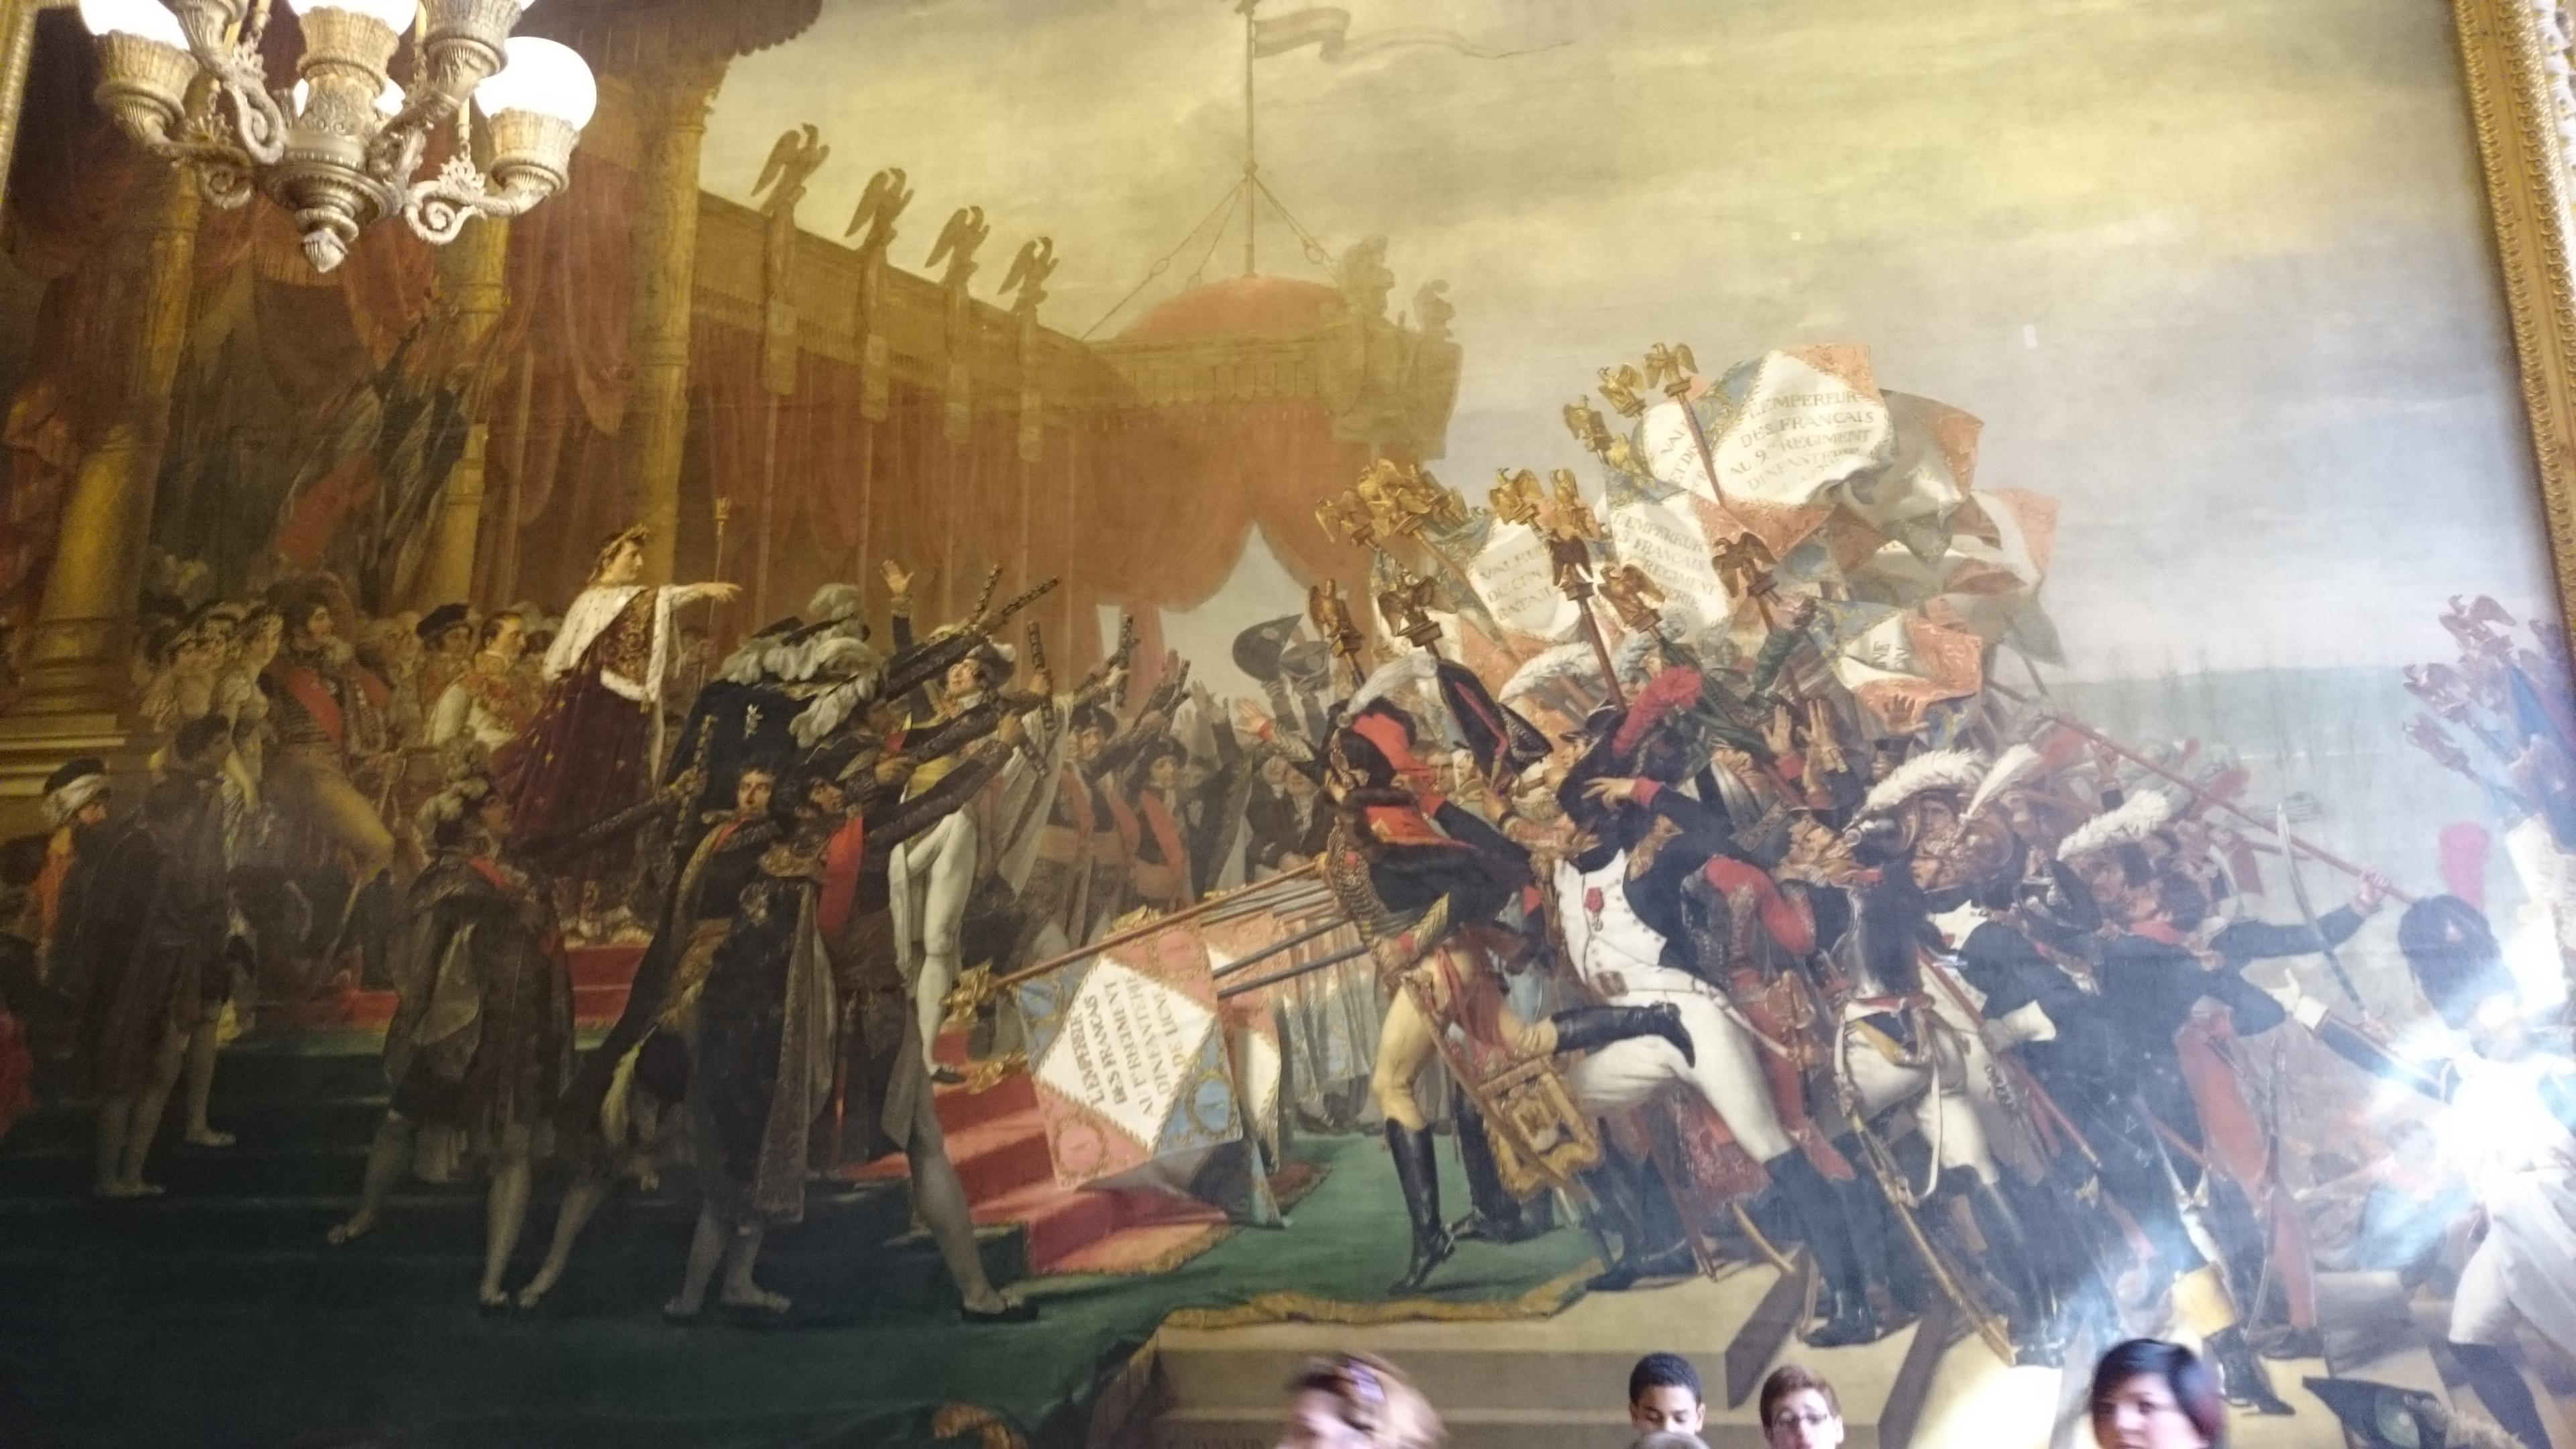 dsc 14071 - Visita al Palacio de Versalles: Como ir, cuanto cuesta y tips III/III